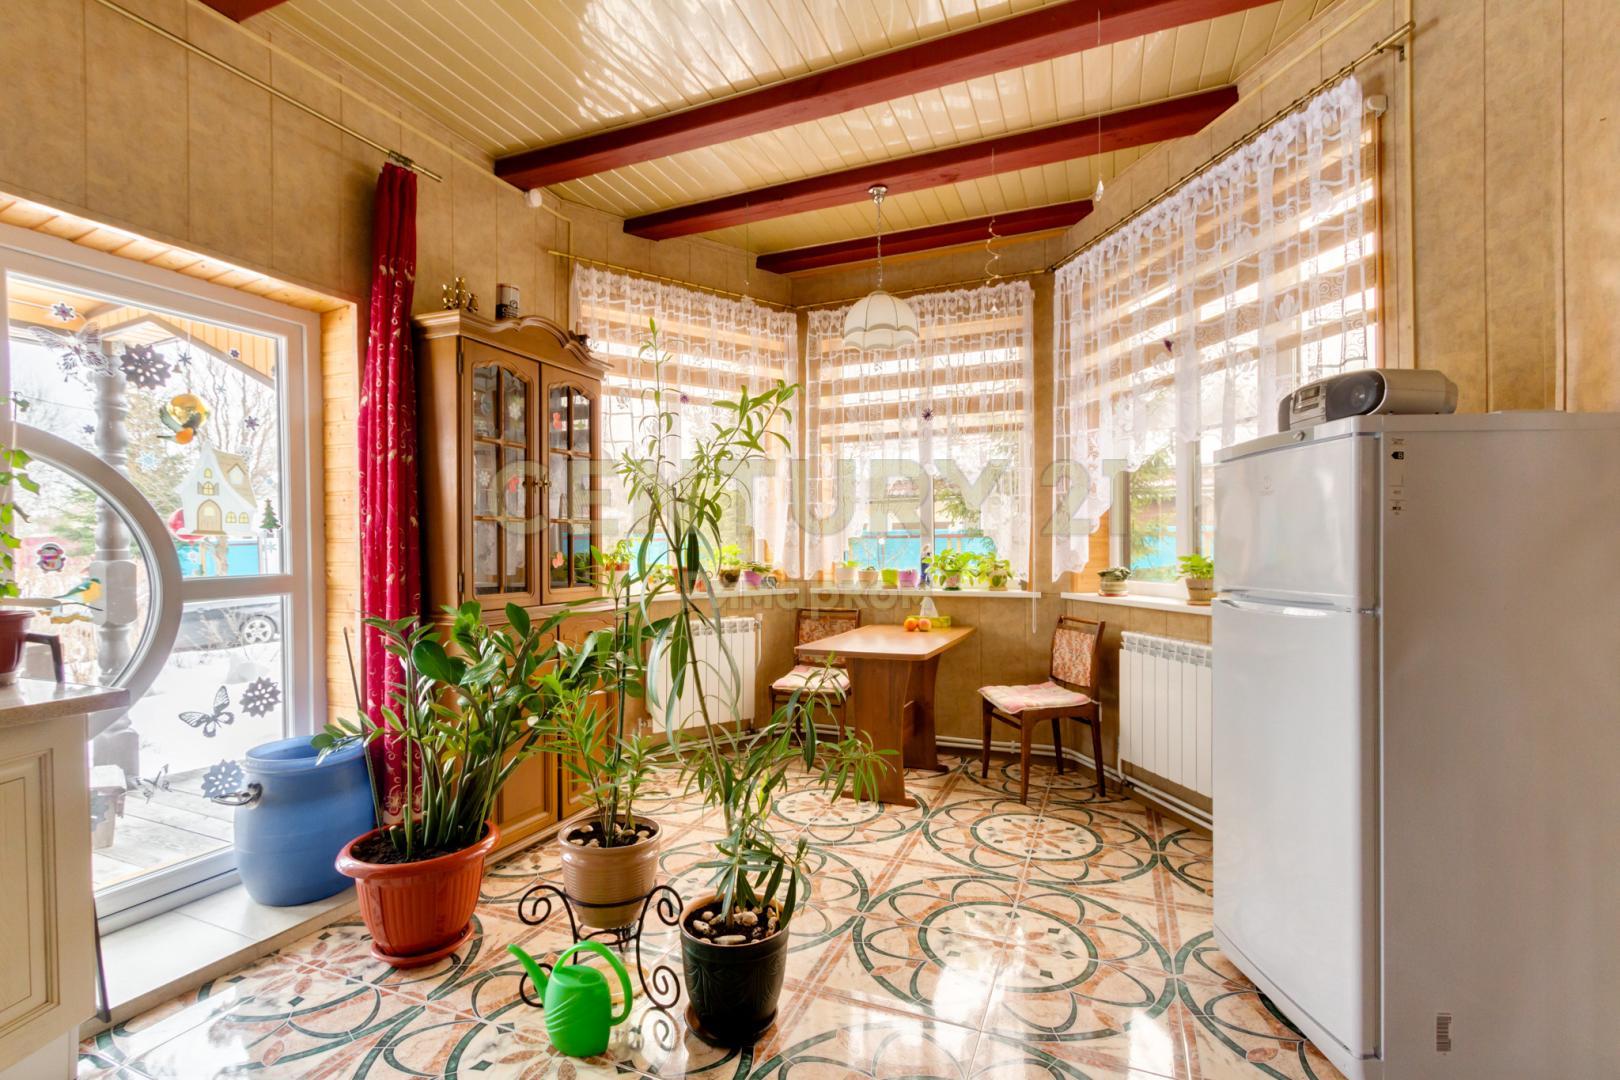 Продам дом по адресу Россия, Троицкий административный округ, Каменка фото 11 по выгодной цене